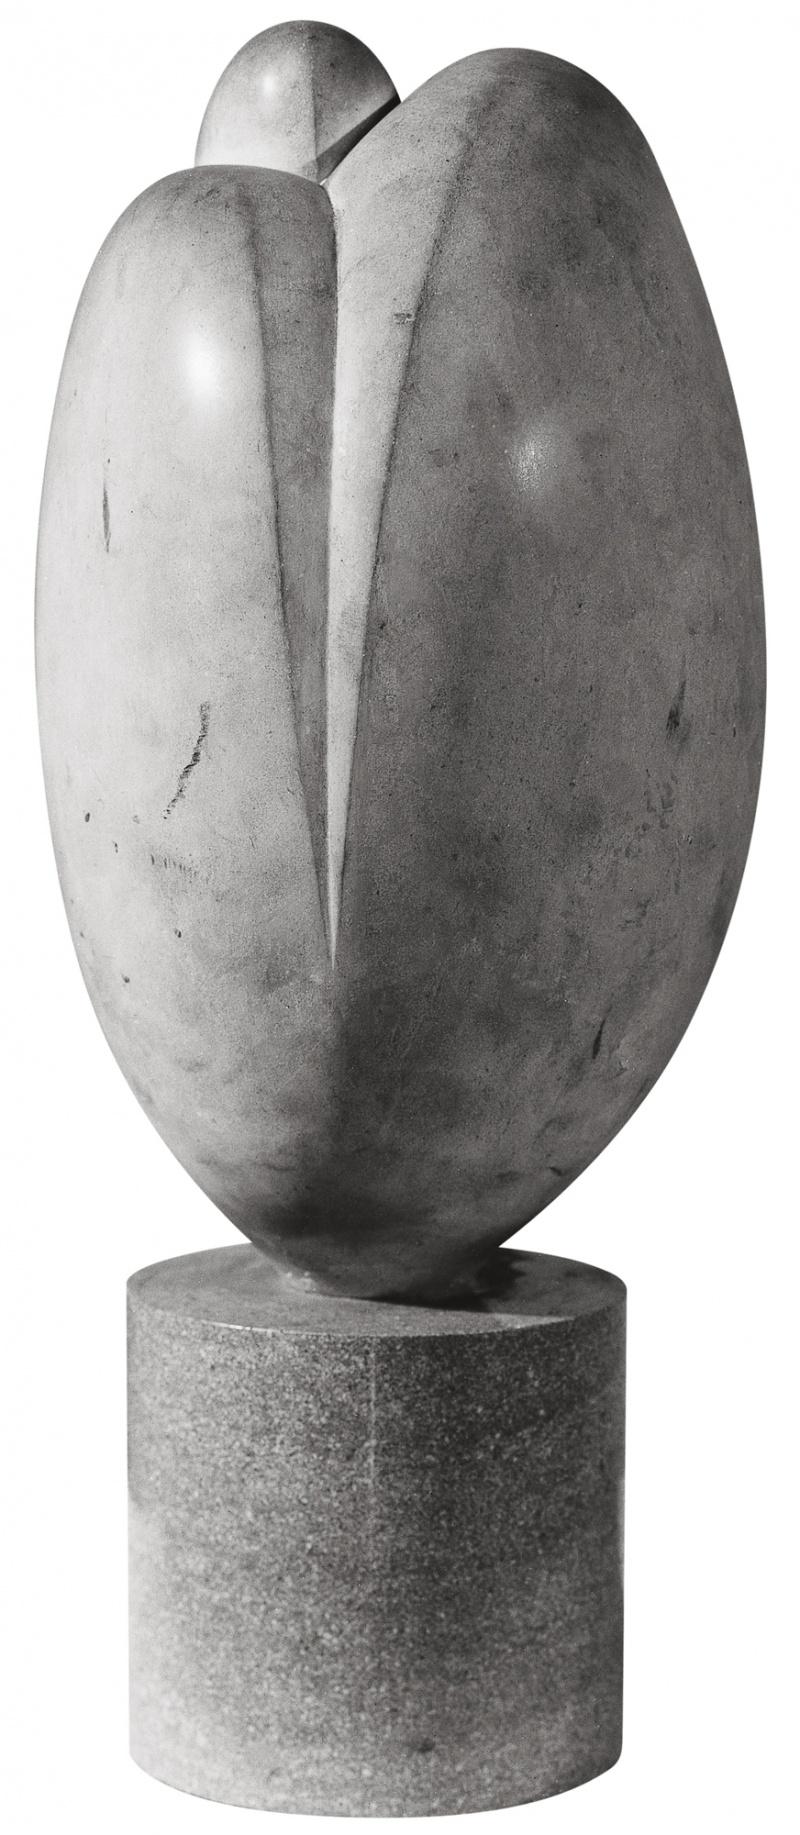 Jean Chauvin - Sculpteur - Amants - pierre - 1946